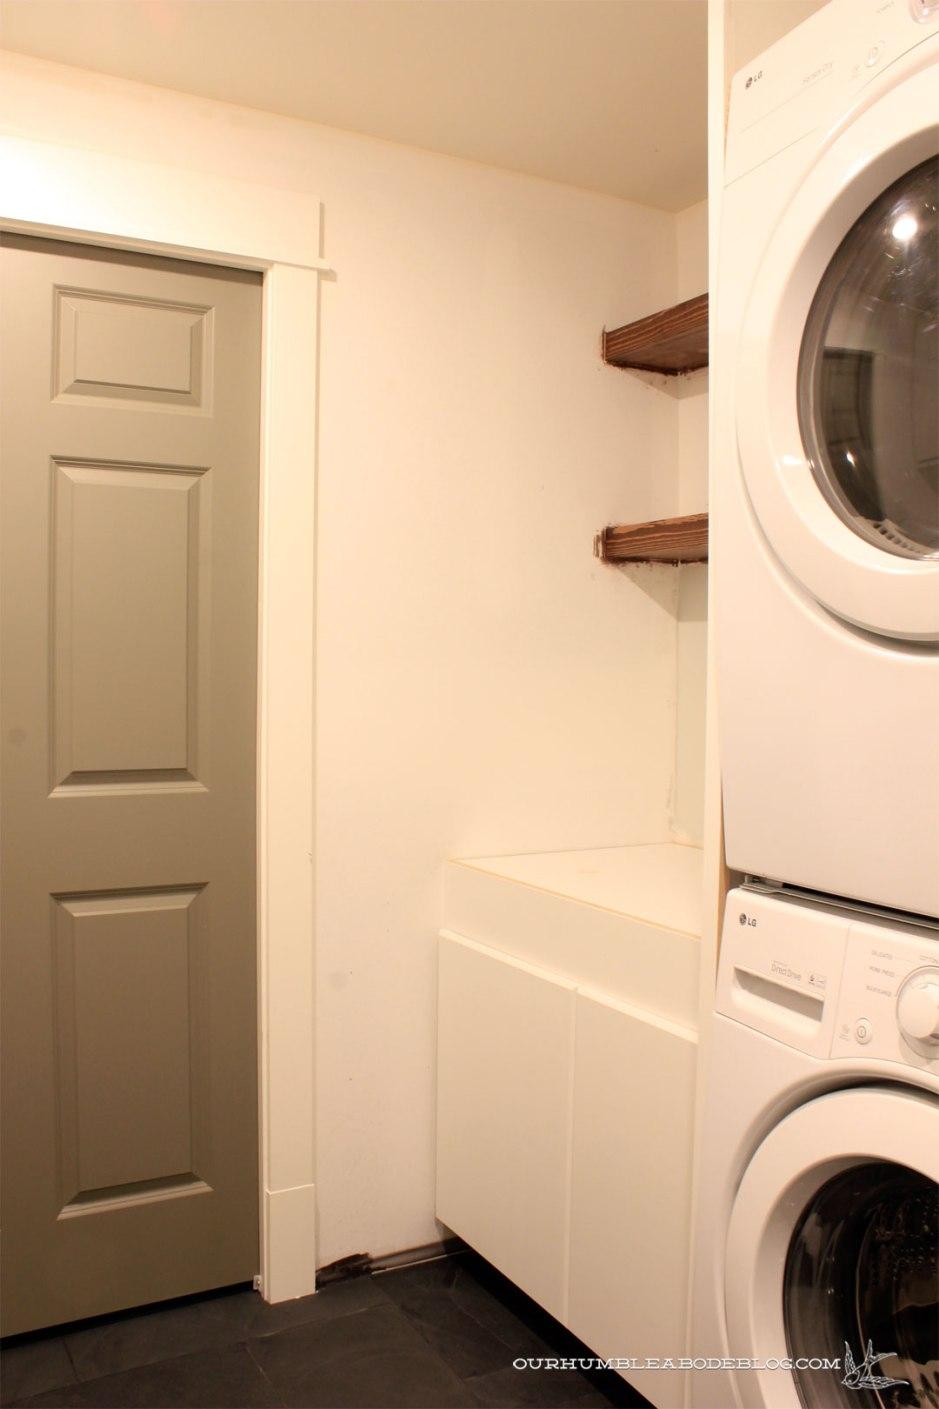 Basement-Laundry-Room-Left-Side-Toward-Door